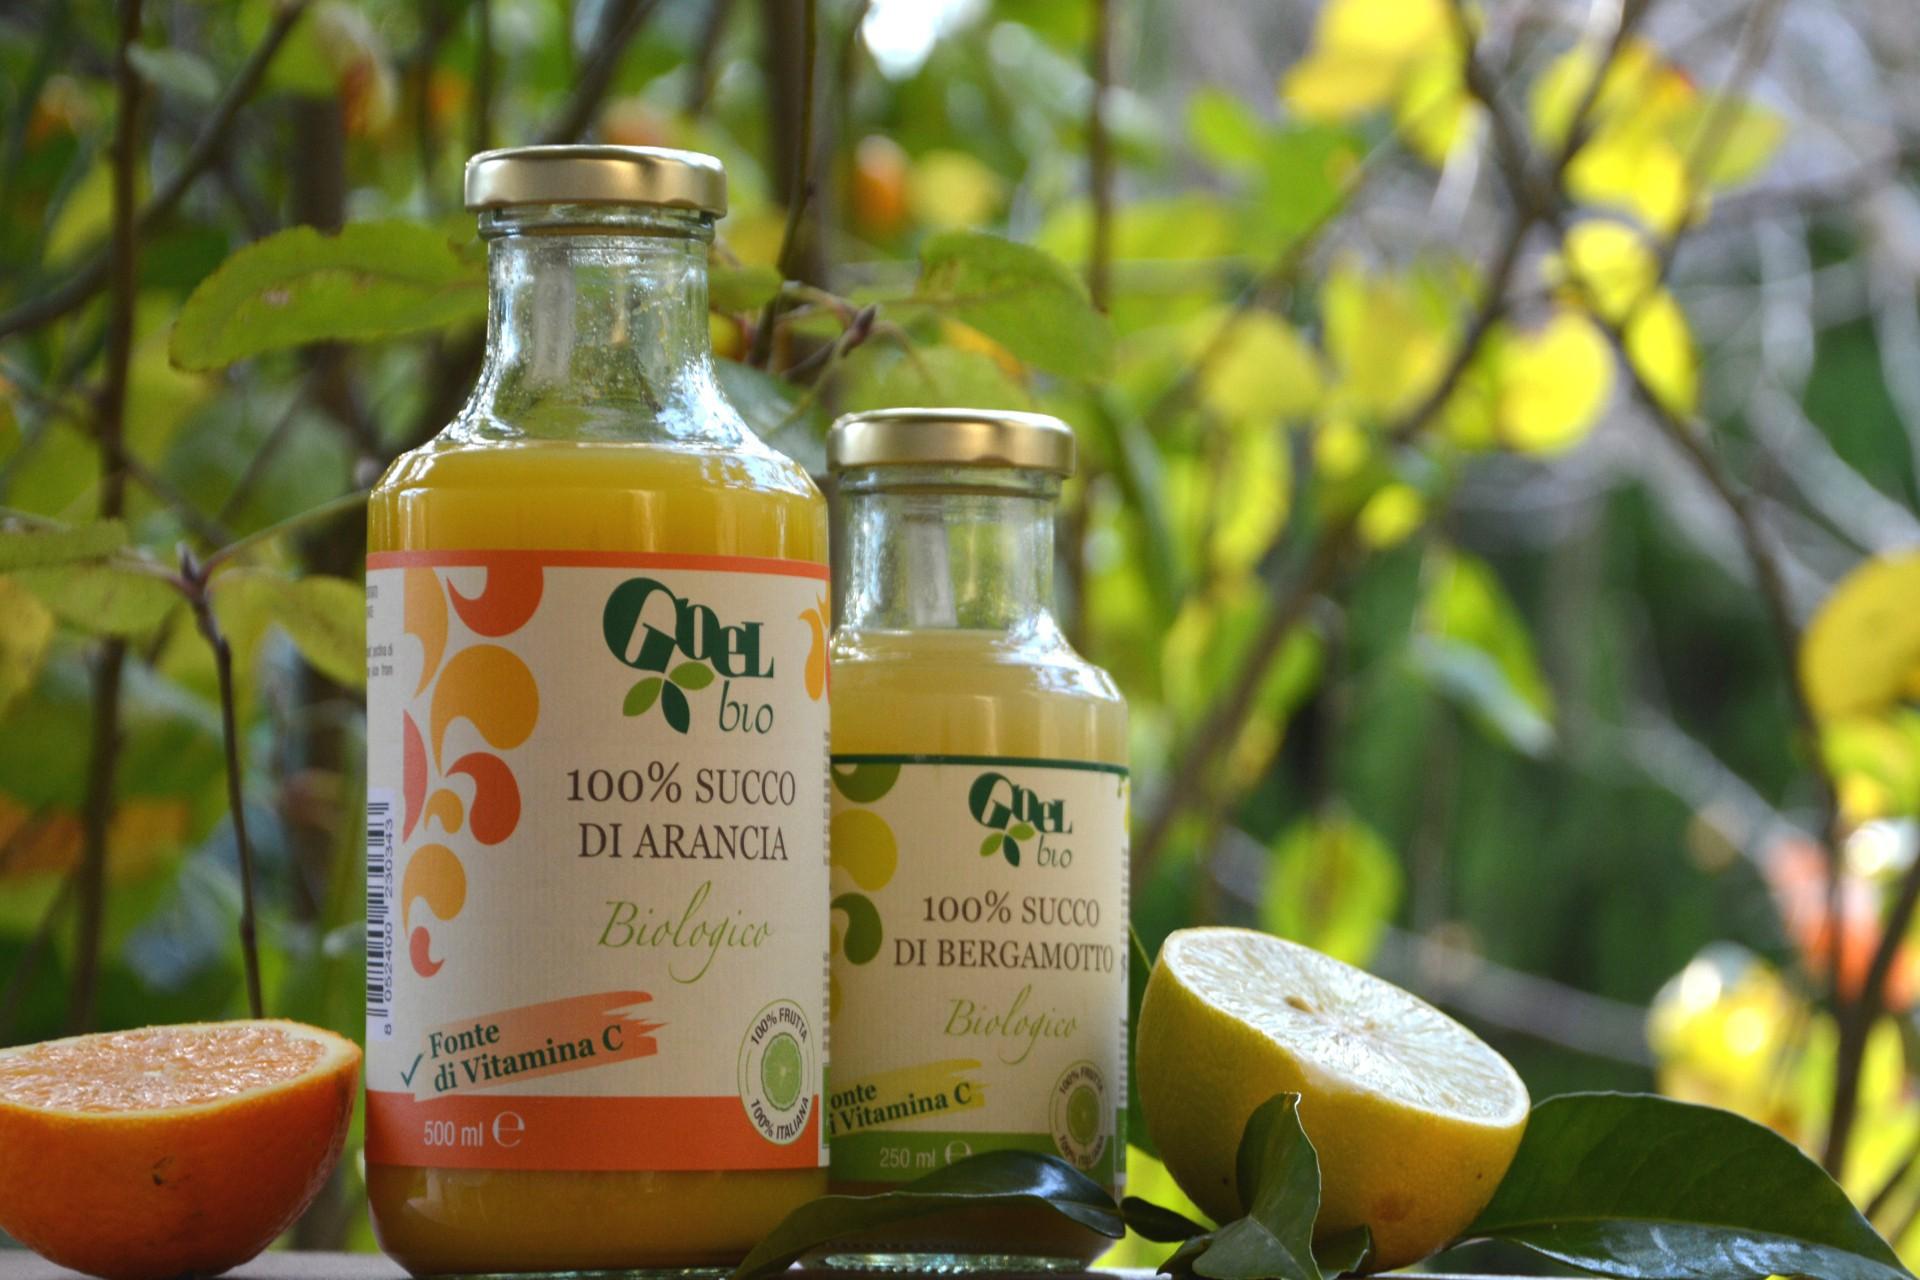 succhi-di-frutta-biologici-goel-bio-calabria